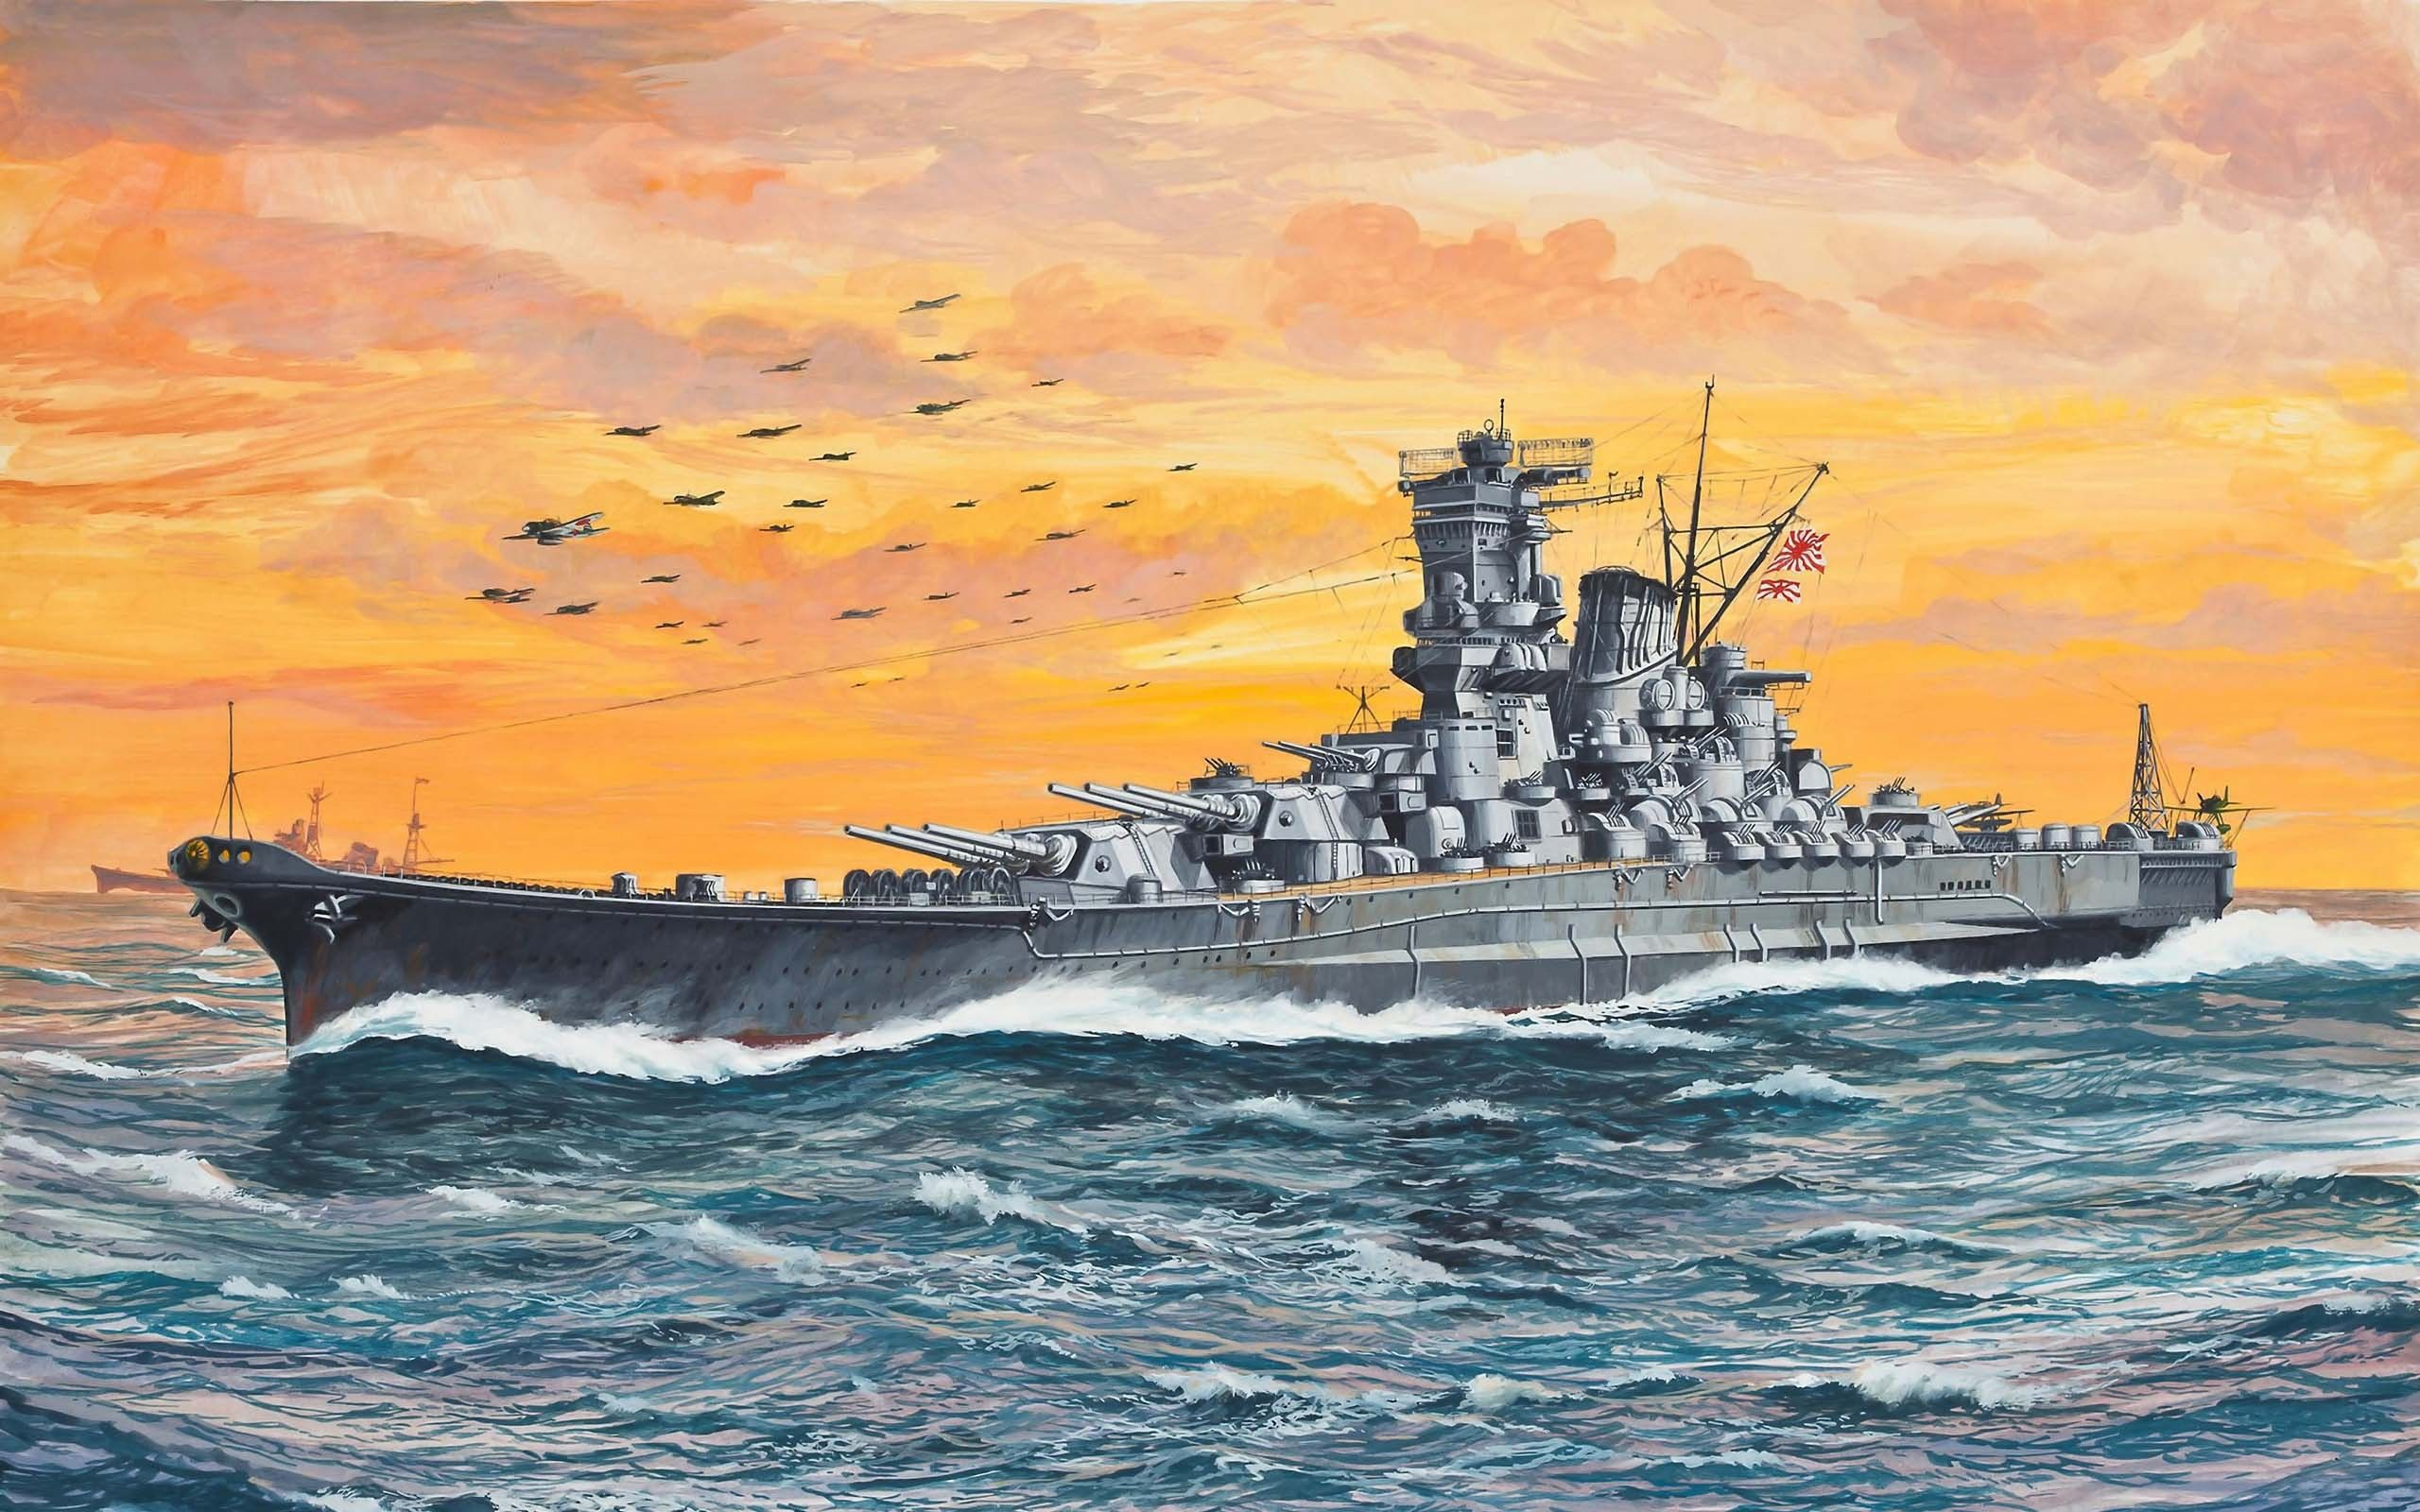 Battleship Yamato Wallpapers 戦艦 大和 戦艦 軍艦